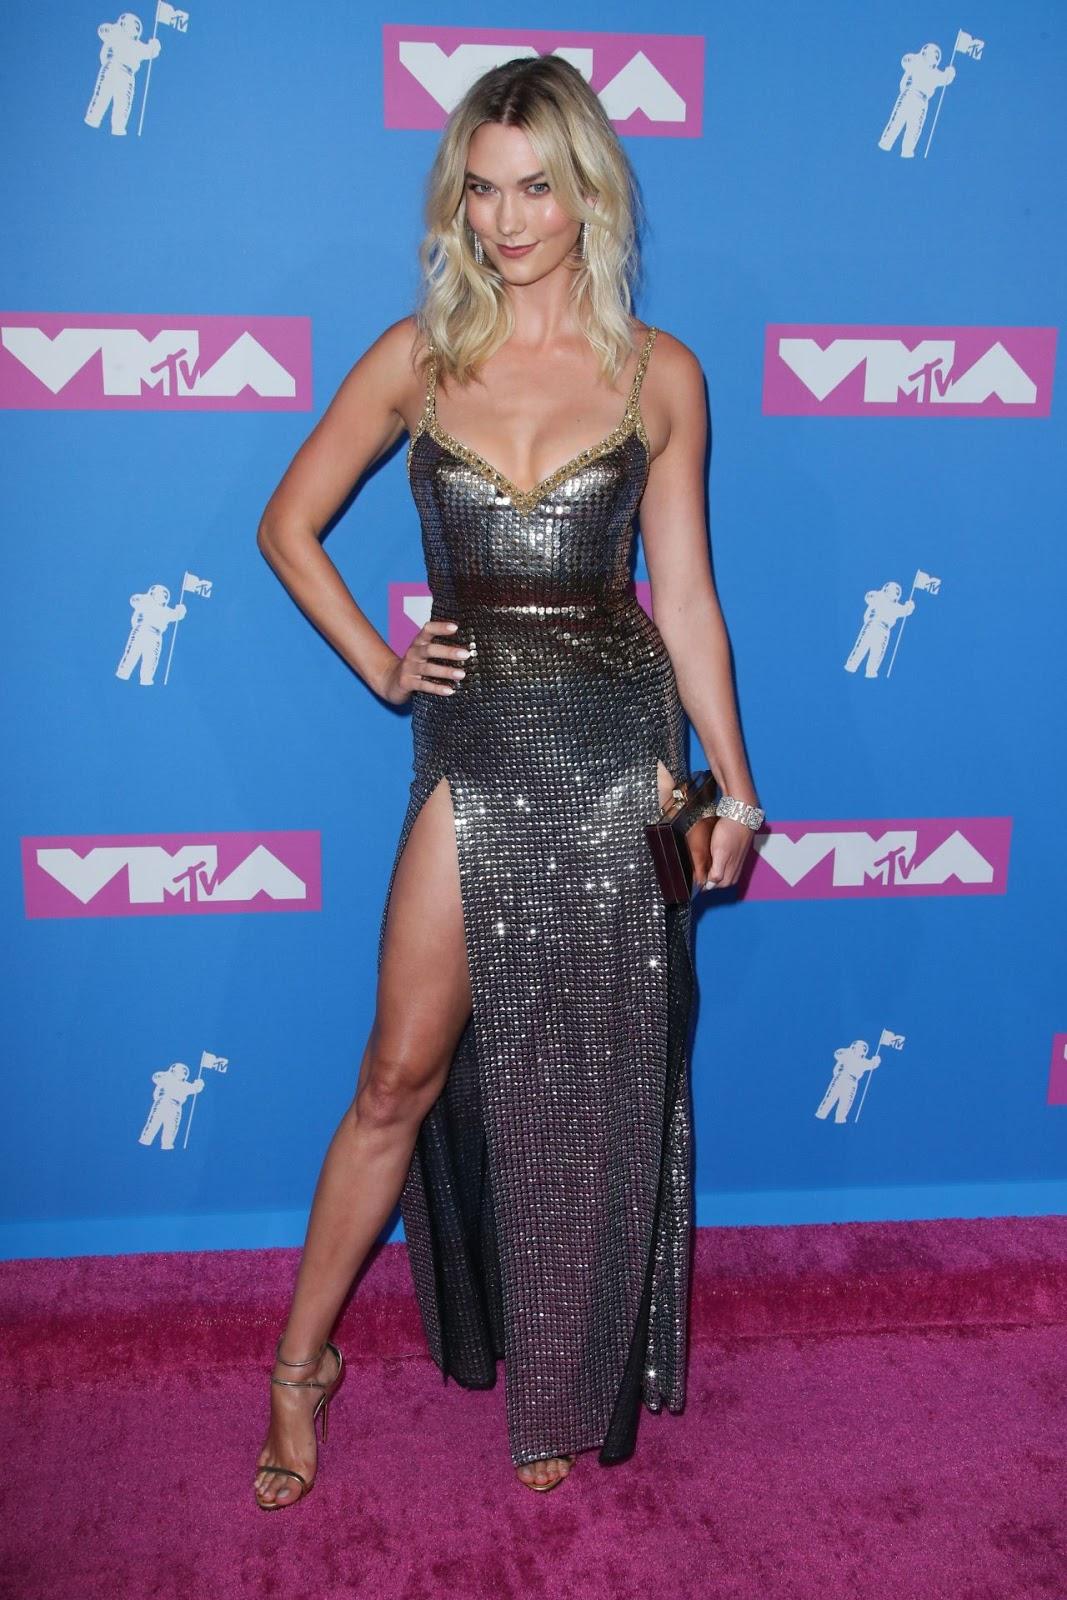 Karlie Kloss flaunts cleavage at the 2018 MTV VMAs